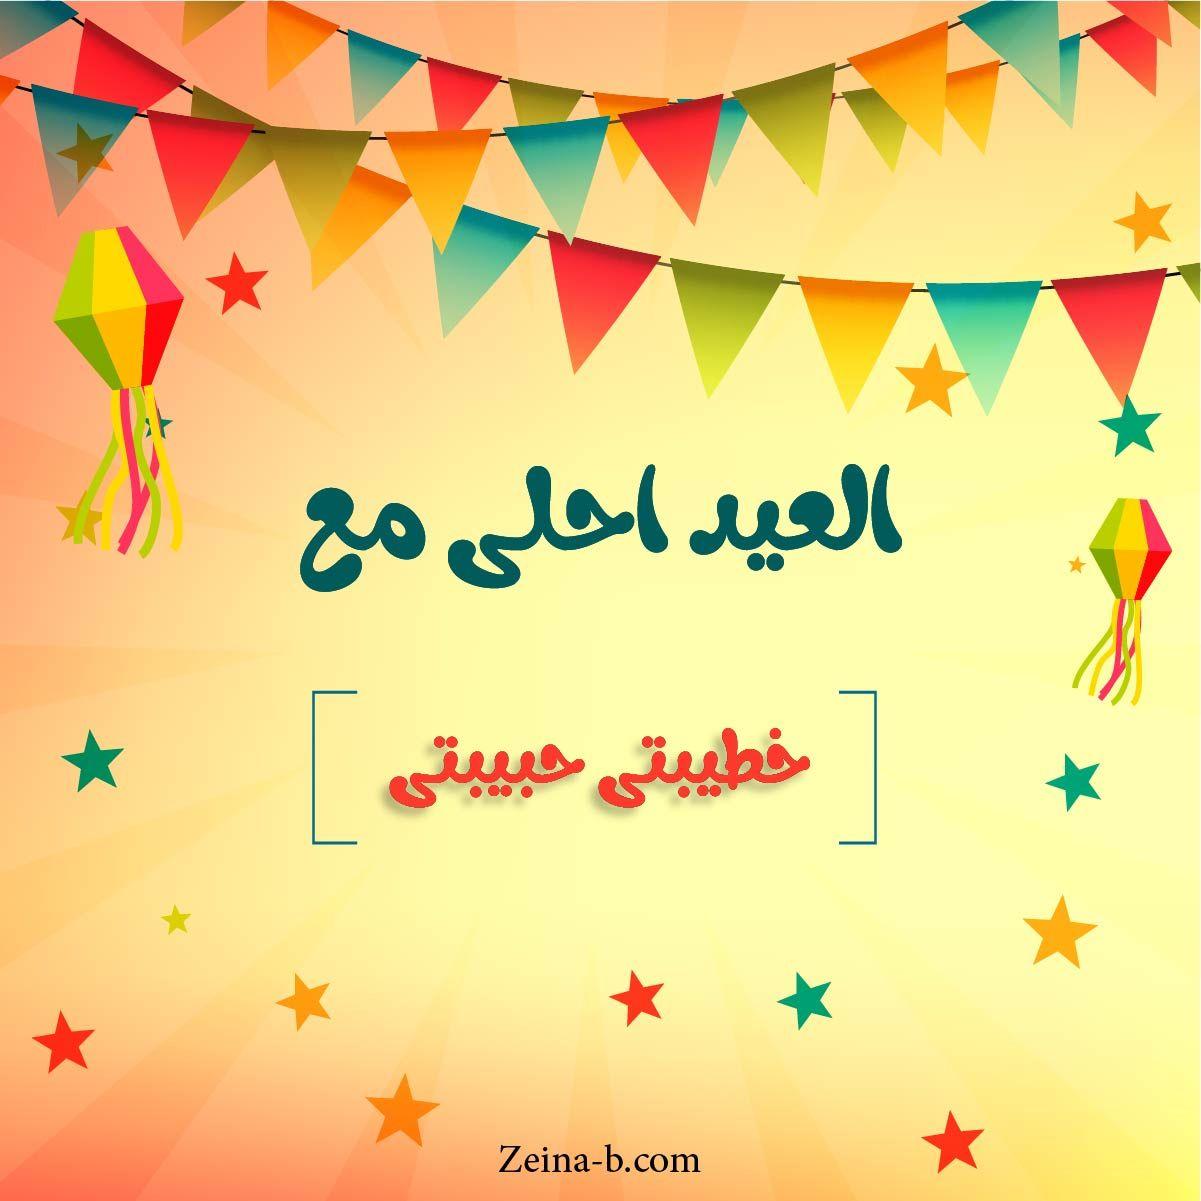 العيد احلى مع خطيبتى حبيبتى In 2020 Home Decor Decals Home Decor Happy Eid